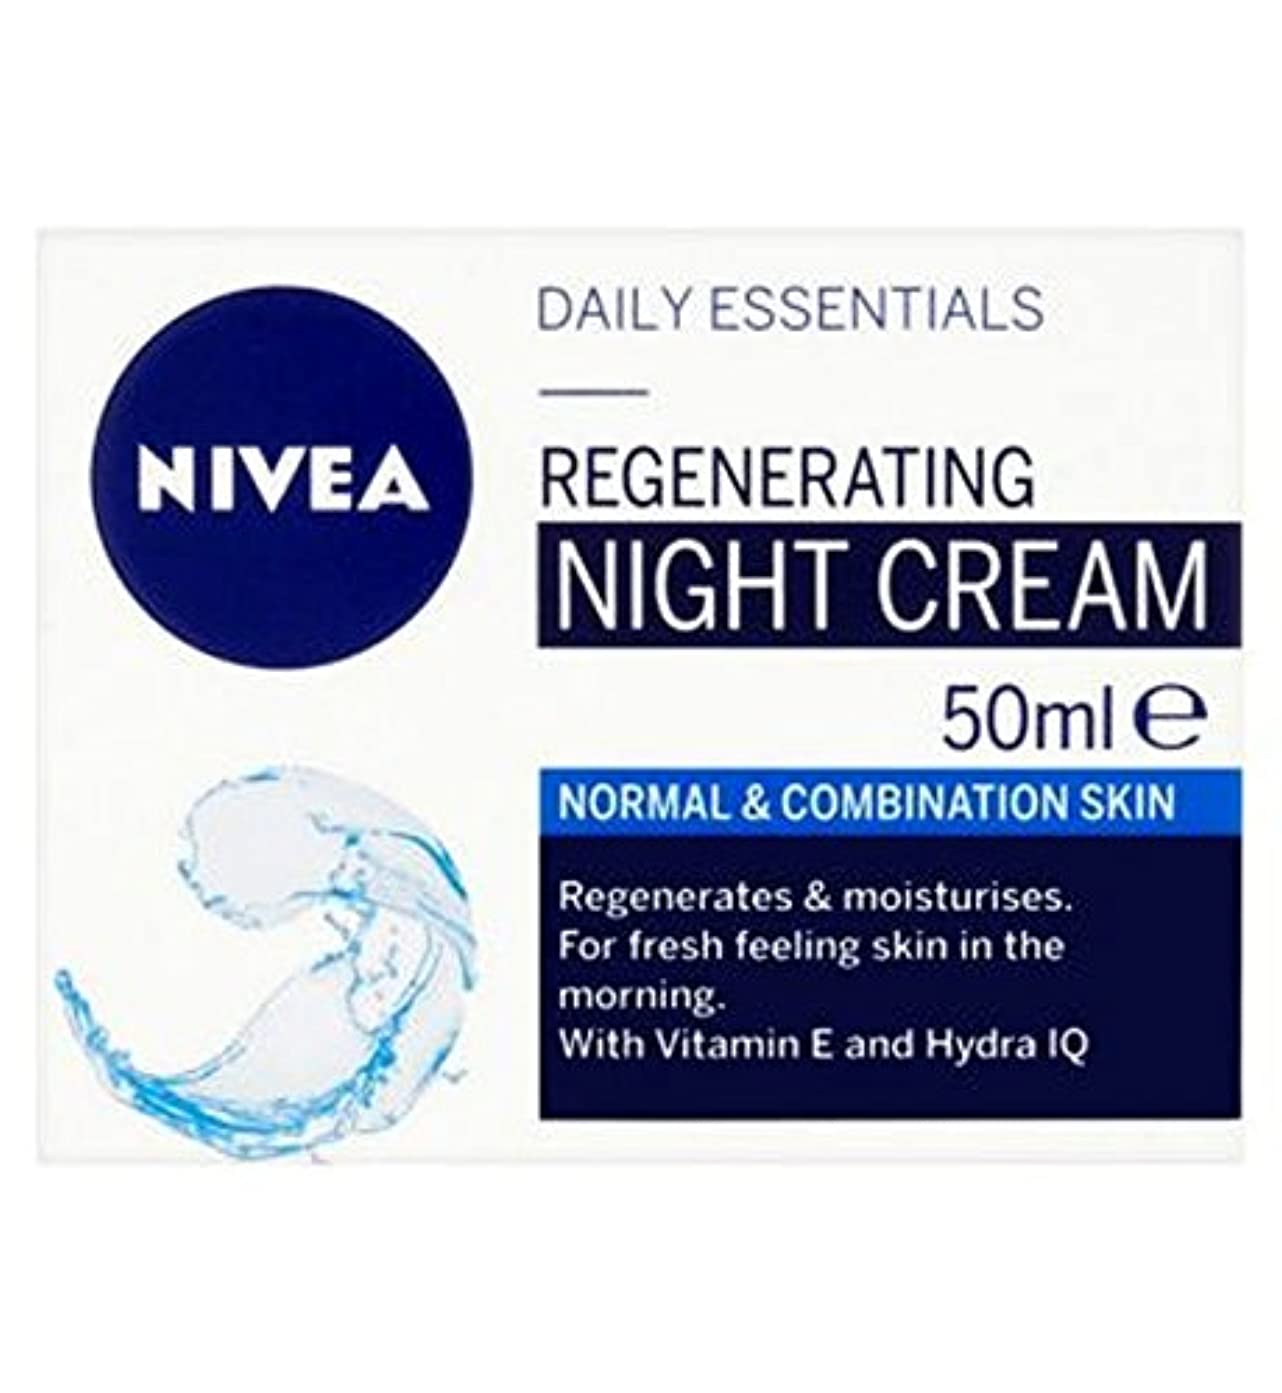 ノーマルと組み合わせ皮膚50ミリリットルのためのナイトクリームを再生ニベア生活必需品 (Nivea) (x2) - NIVEA Daily Essentials Regenerating Night Cream For Normal and Combination Skin 50ml (Pack of 2) [並行輸入品]